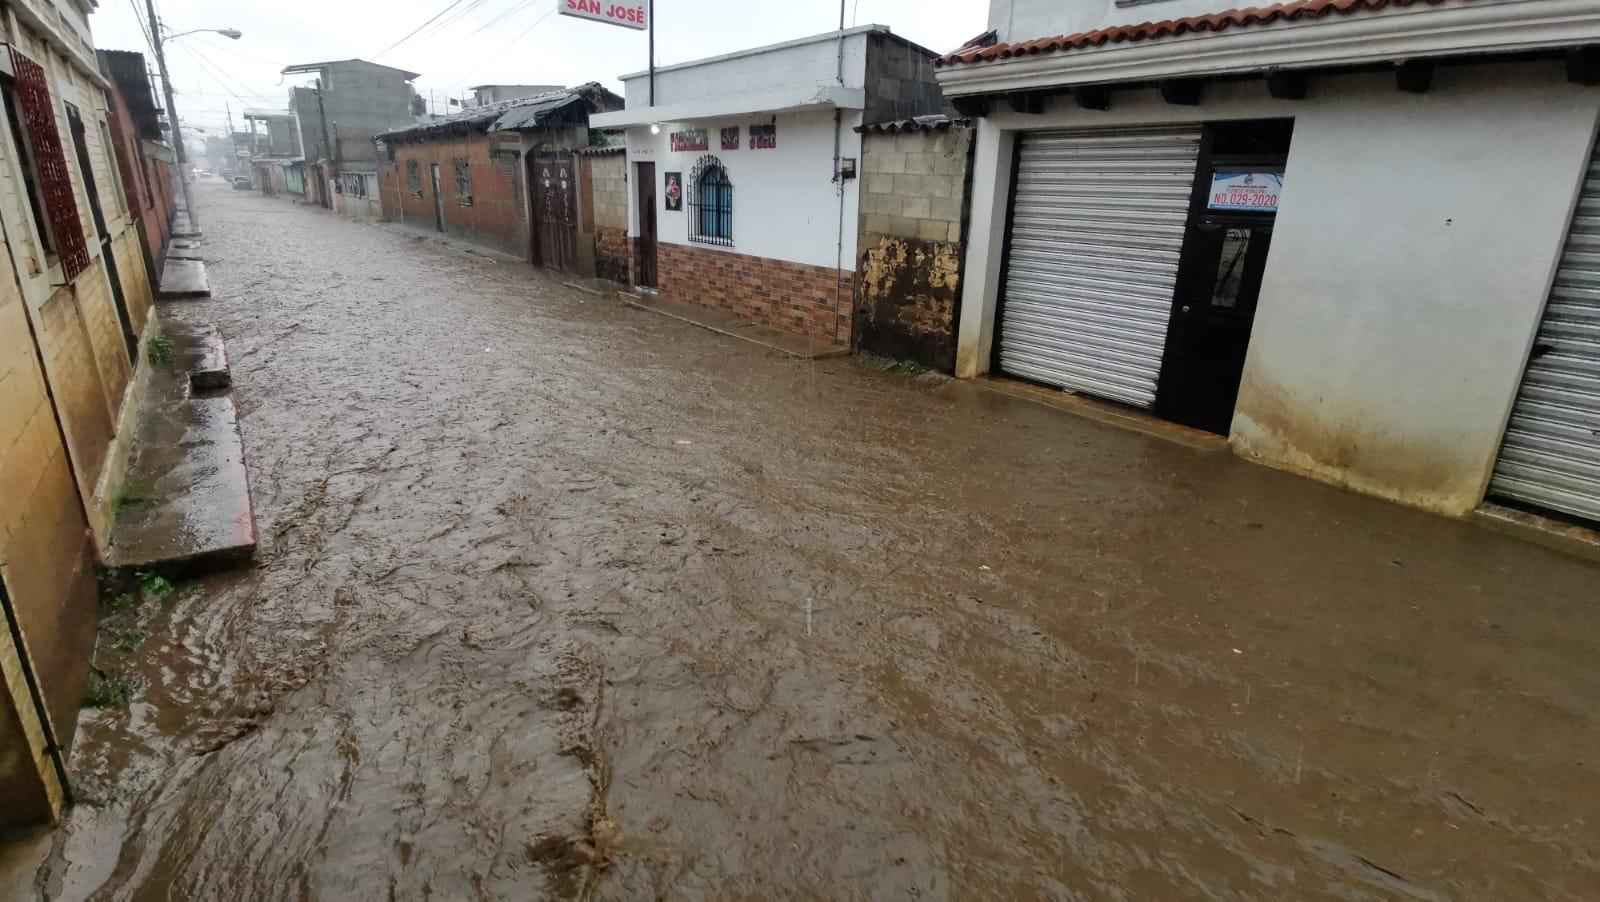 Agua corriente y barro preocupan a pobladores de el Tejar, que señalan indiferencia municipal - Prensa Libre